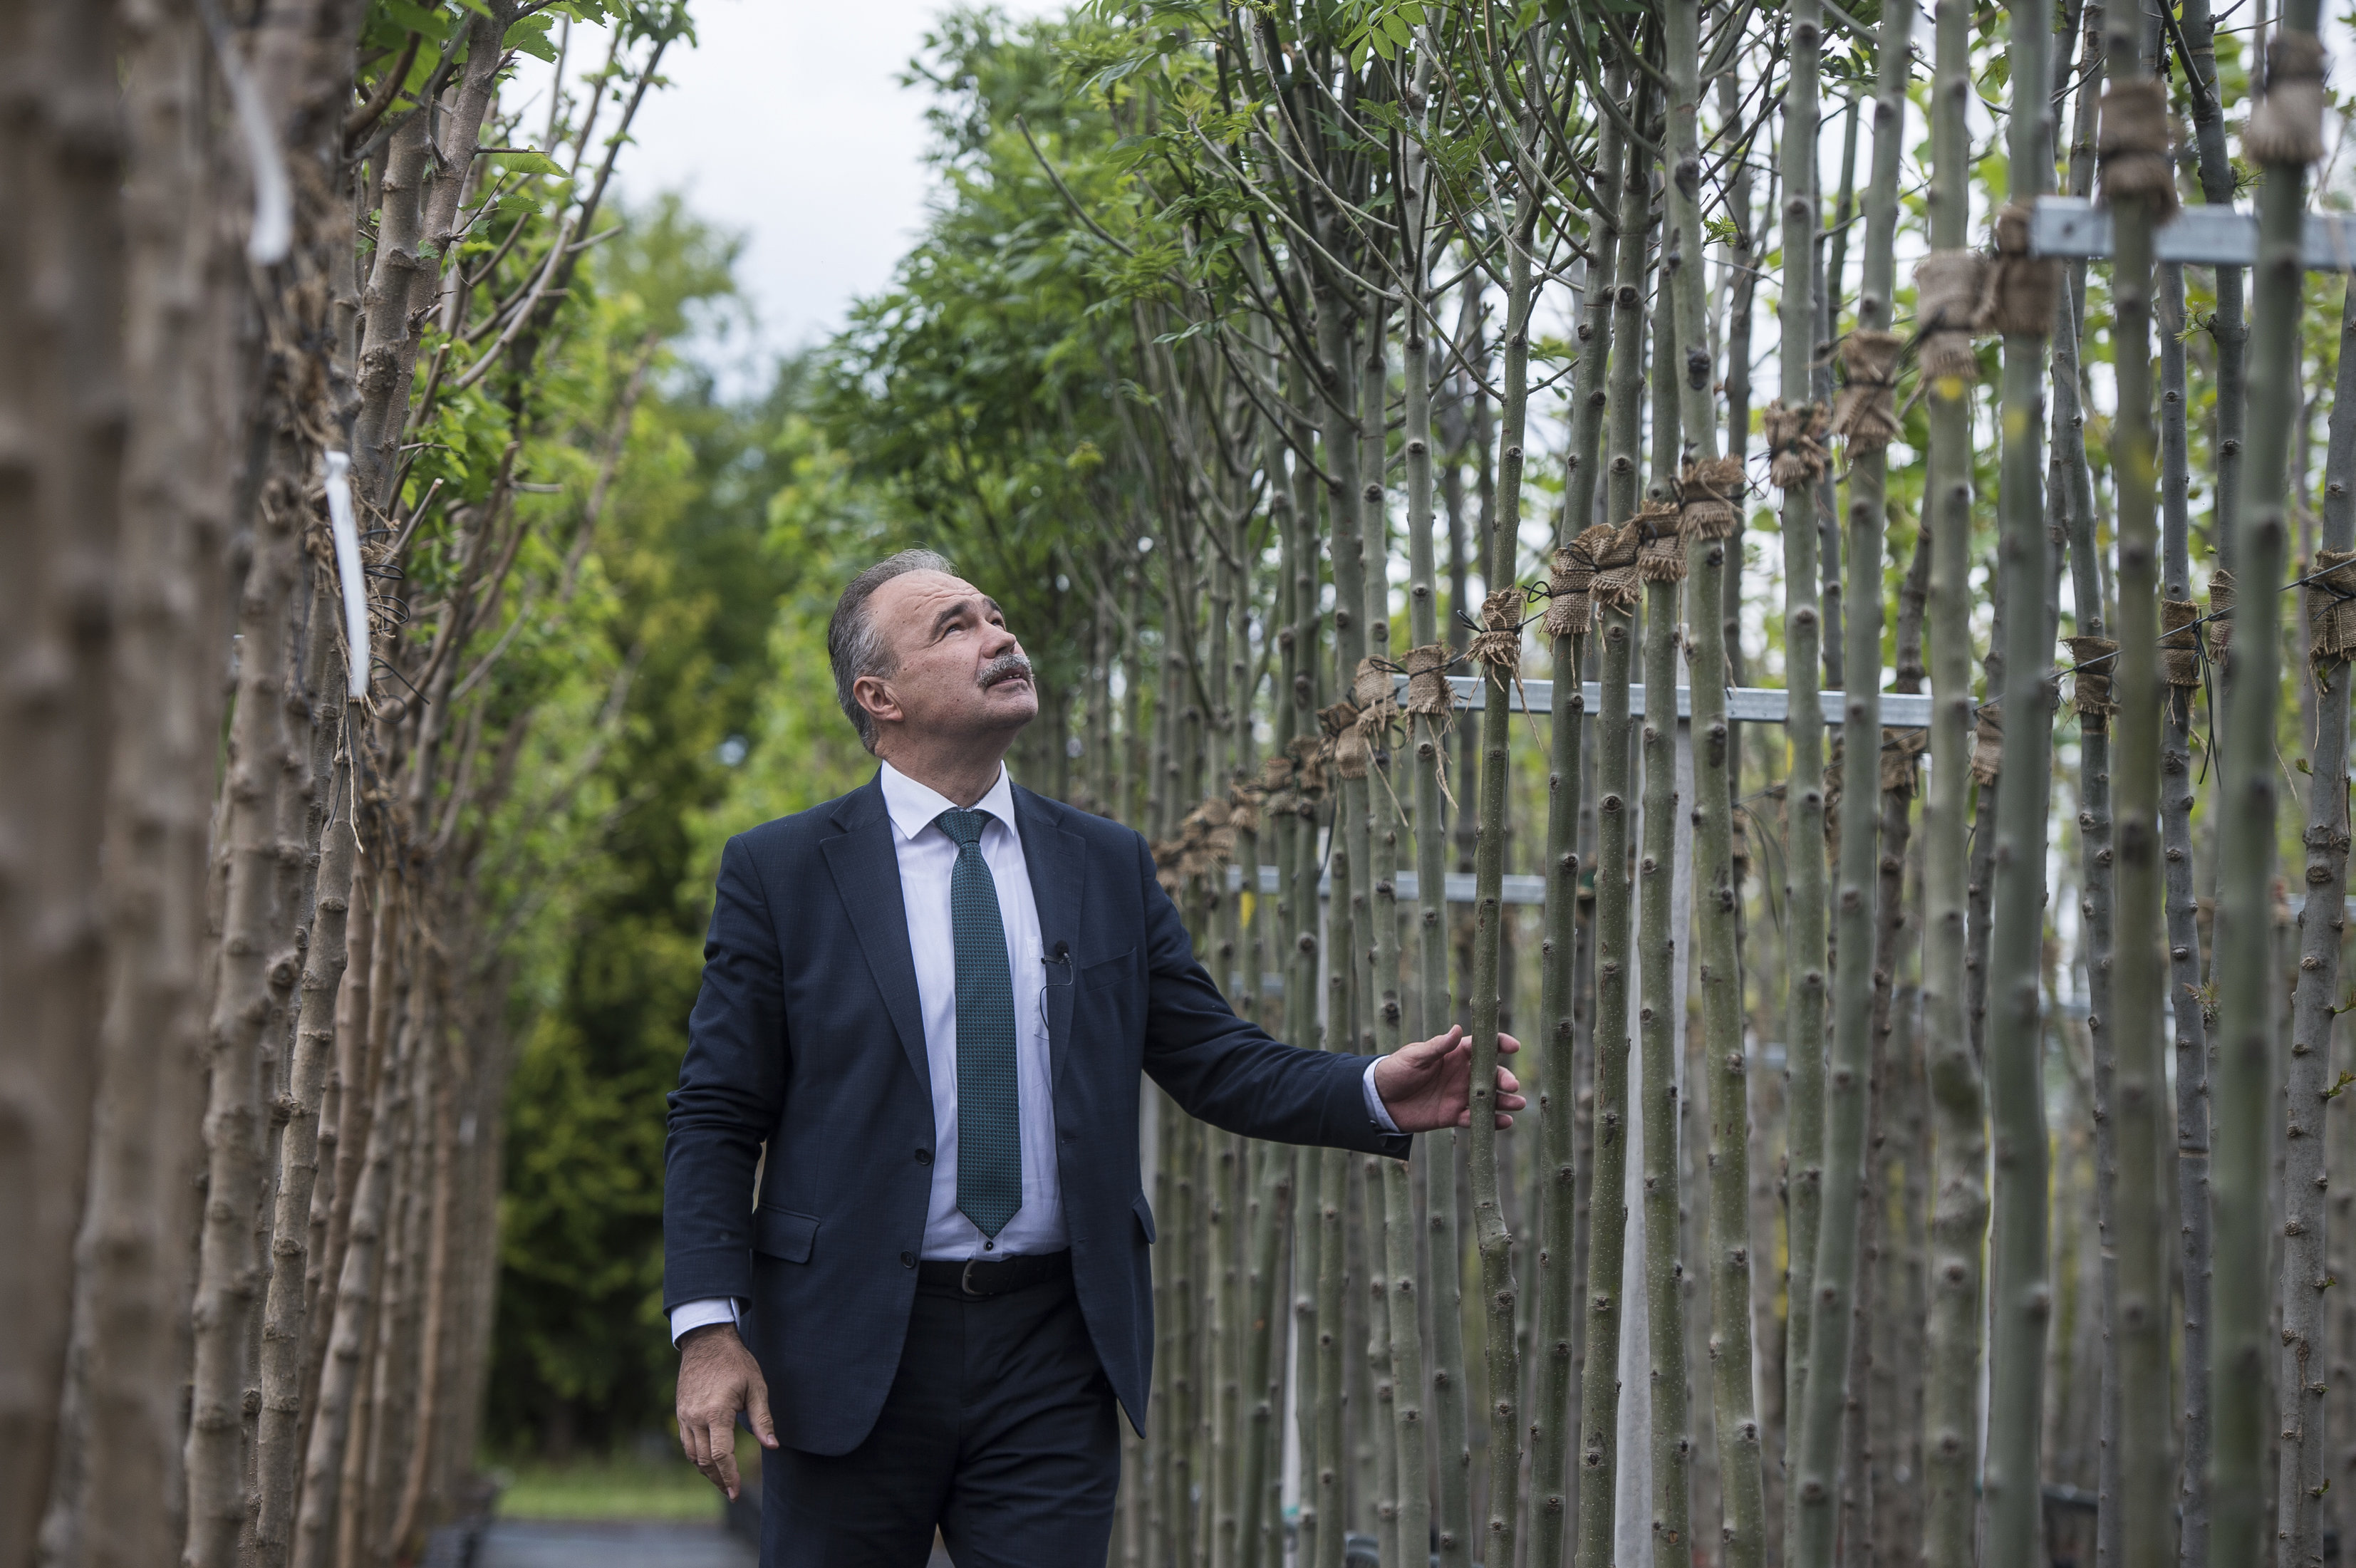 Három-négyszeres áron szállítja a fákat a településekre az Agrárminisztérium programja